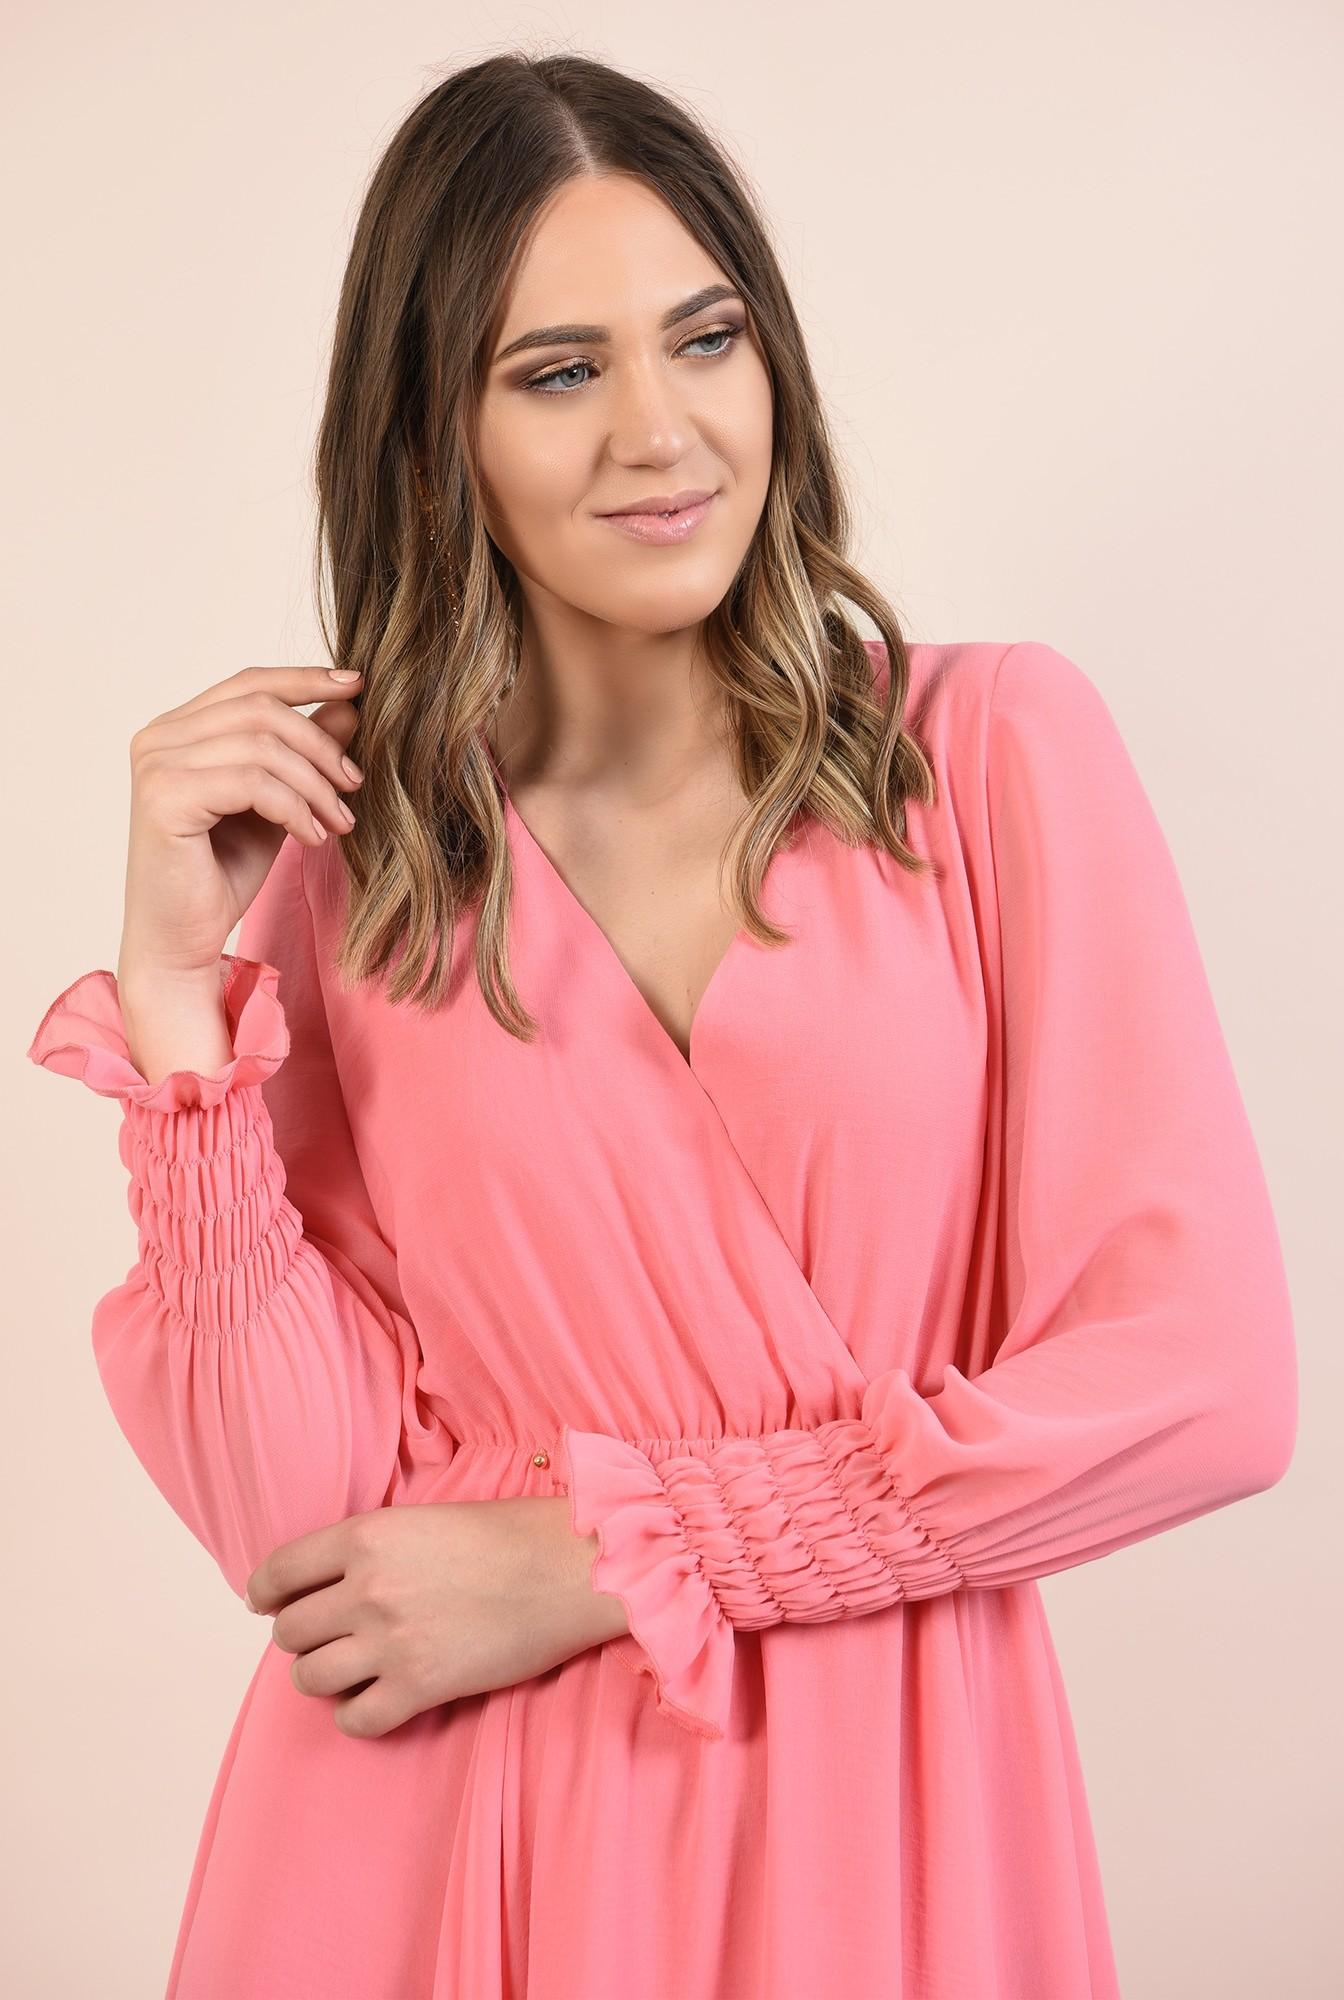 2 - 360 - rochie roz, midi, evazata, maneci lungi cu mansete elastice, Poema